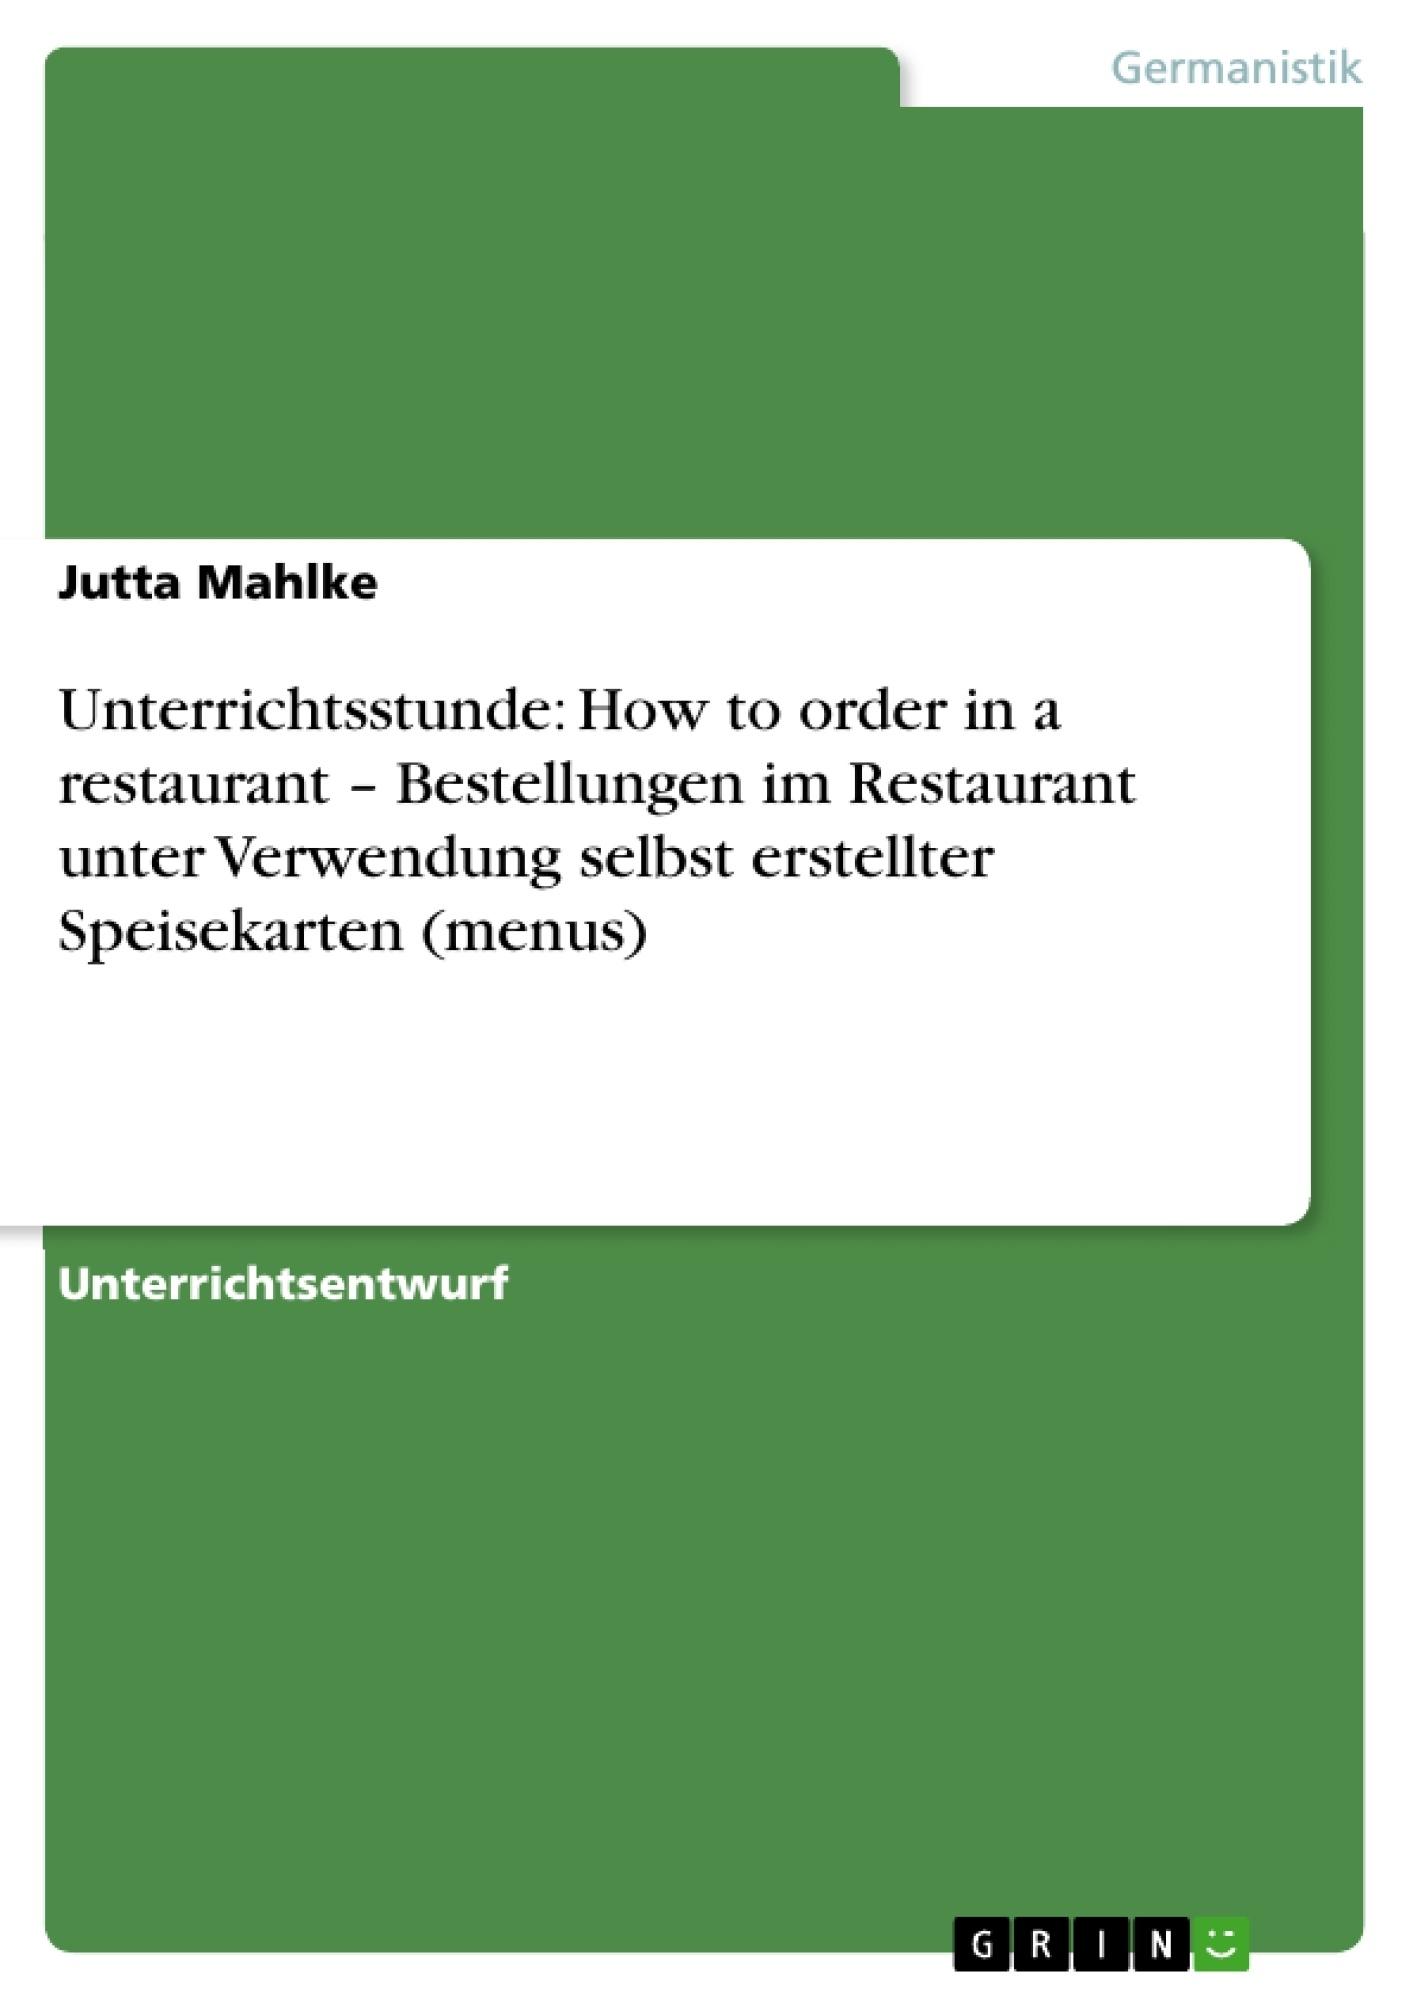 Titel: Unterrichtsstunde: How to order in a restaurant – Bestellungen im Restaurant unter Verwendung selbst erstellter Speisekarten (menus)